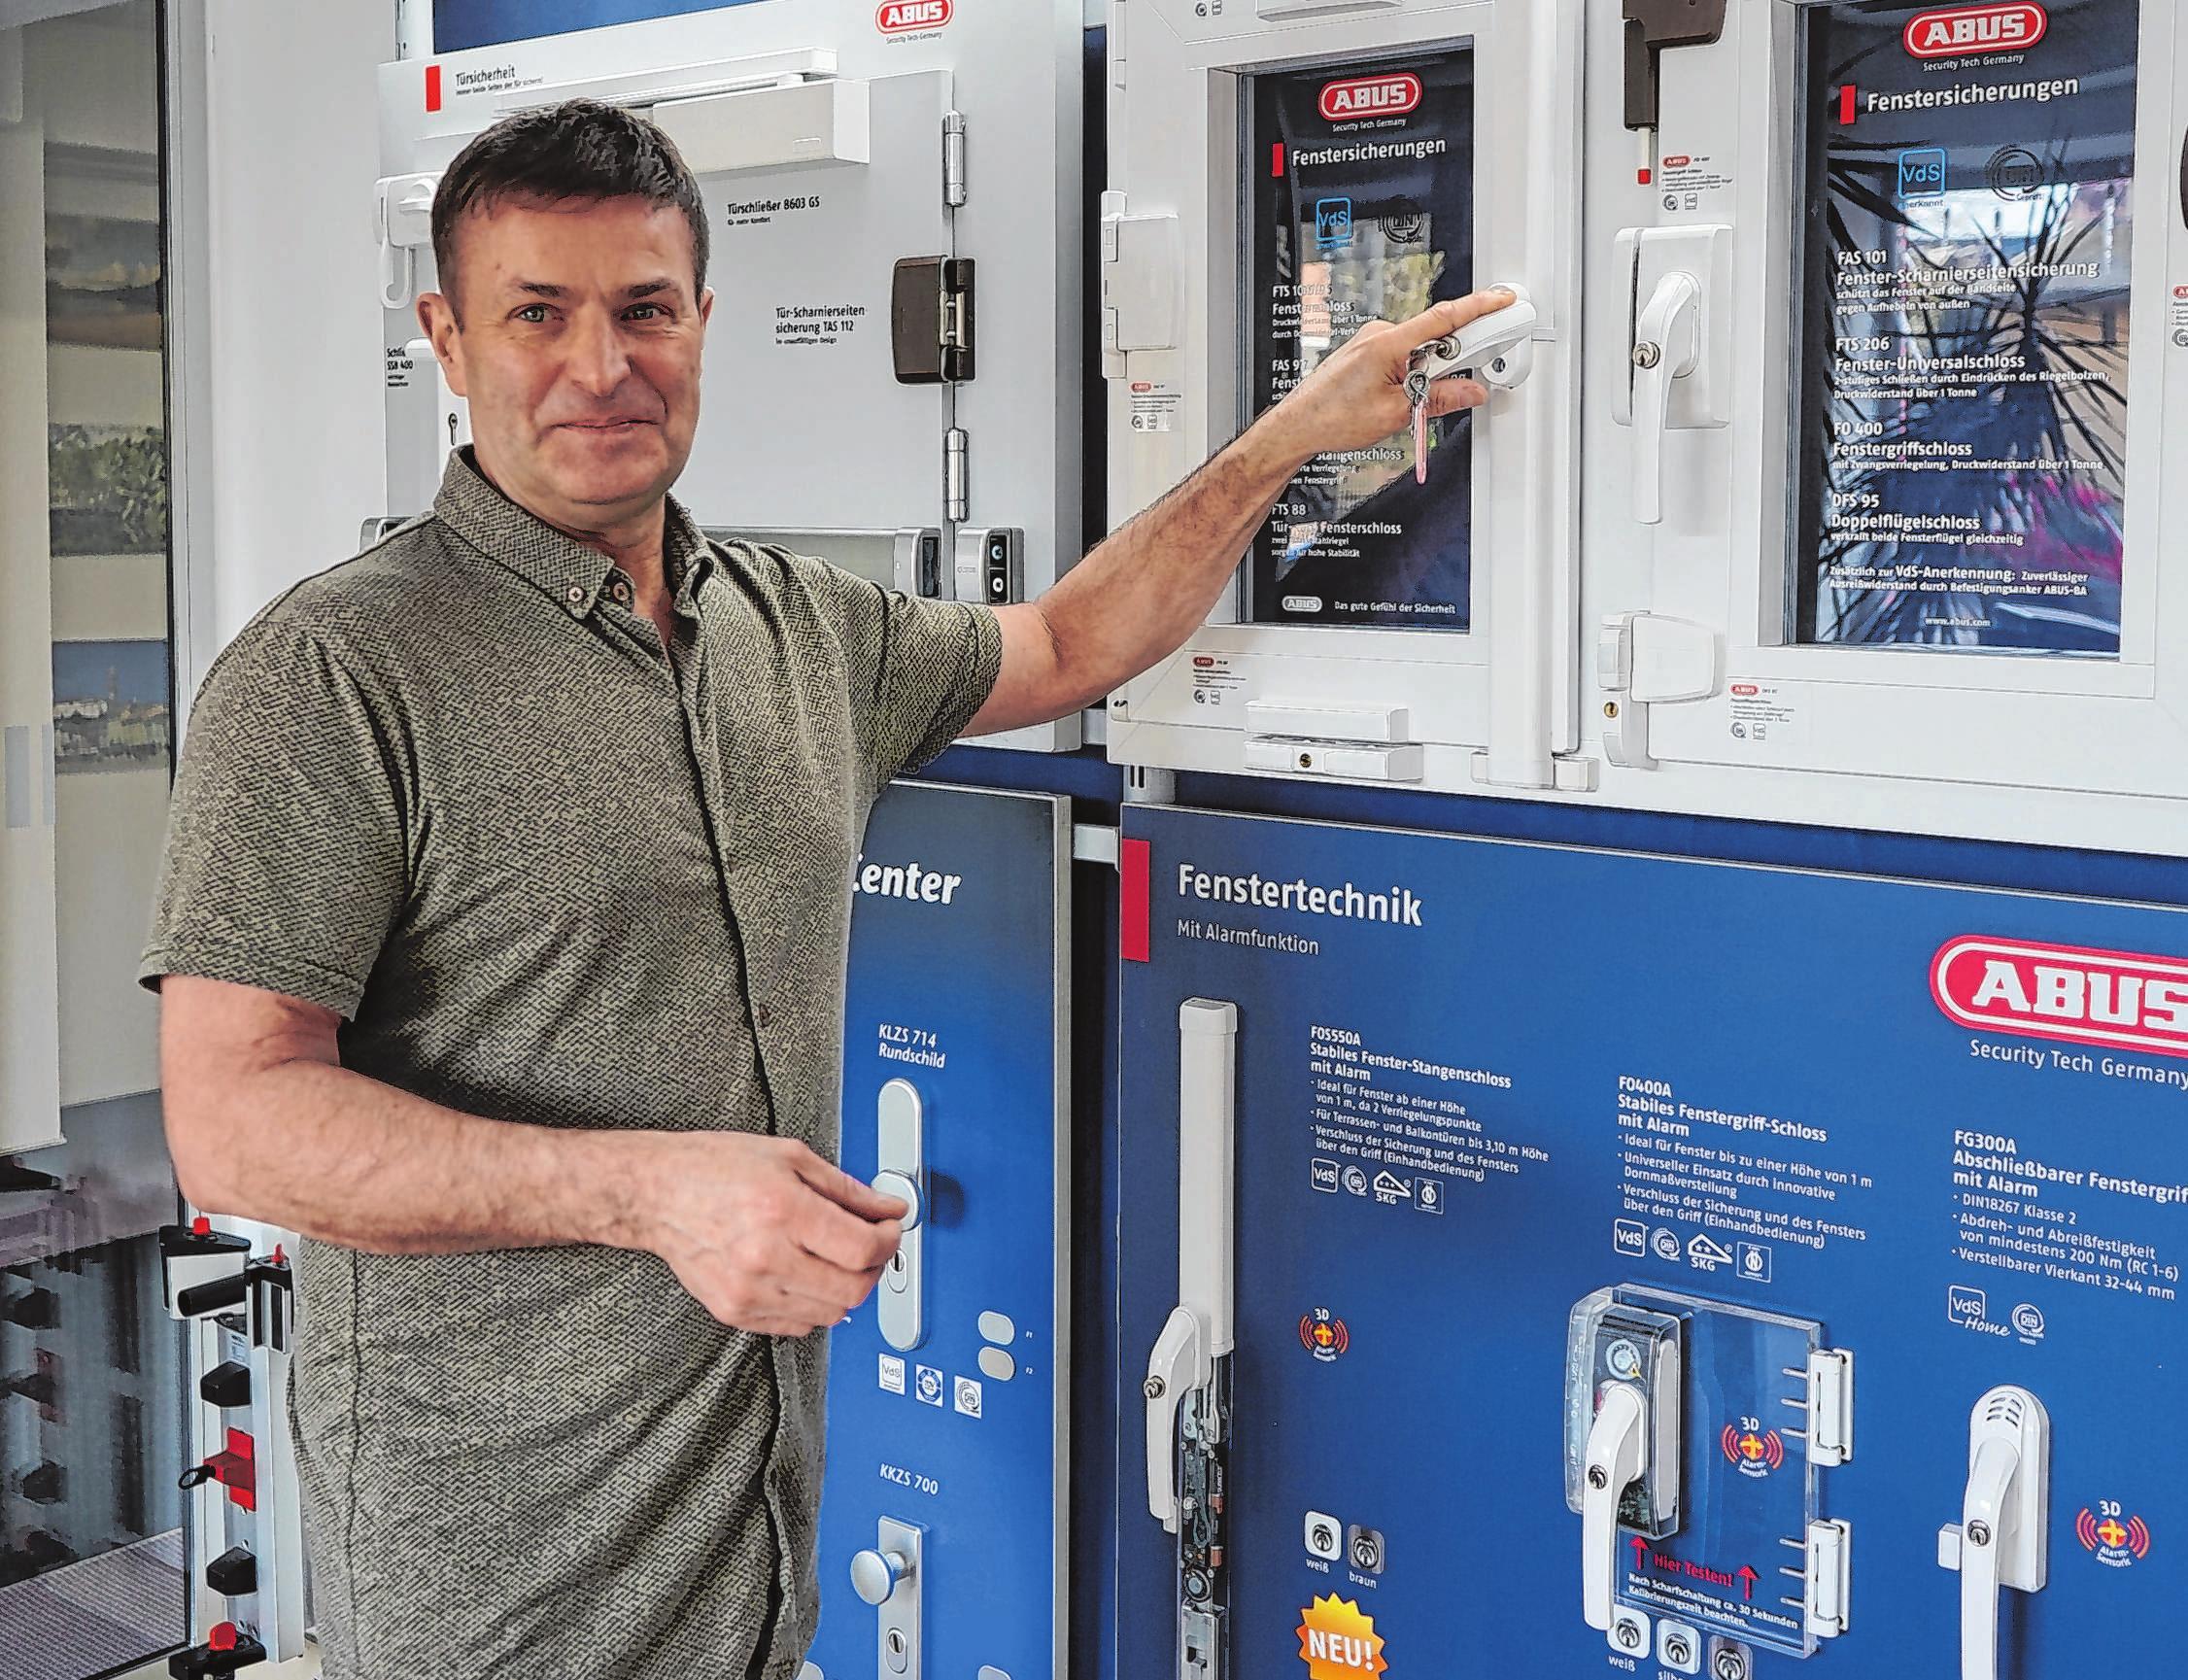 Bert Menge bietet individuelle Lösungen für den Einbruchschutz. Alle Produkte sind geprüft und zertifiziert. Bei der Beratung zu Hause erhalten die Kunden Hinweise auf Schwachstellen bei Fenstern und Türen.